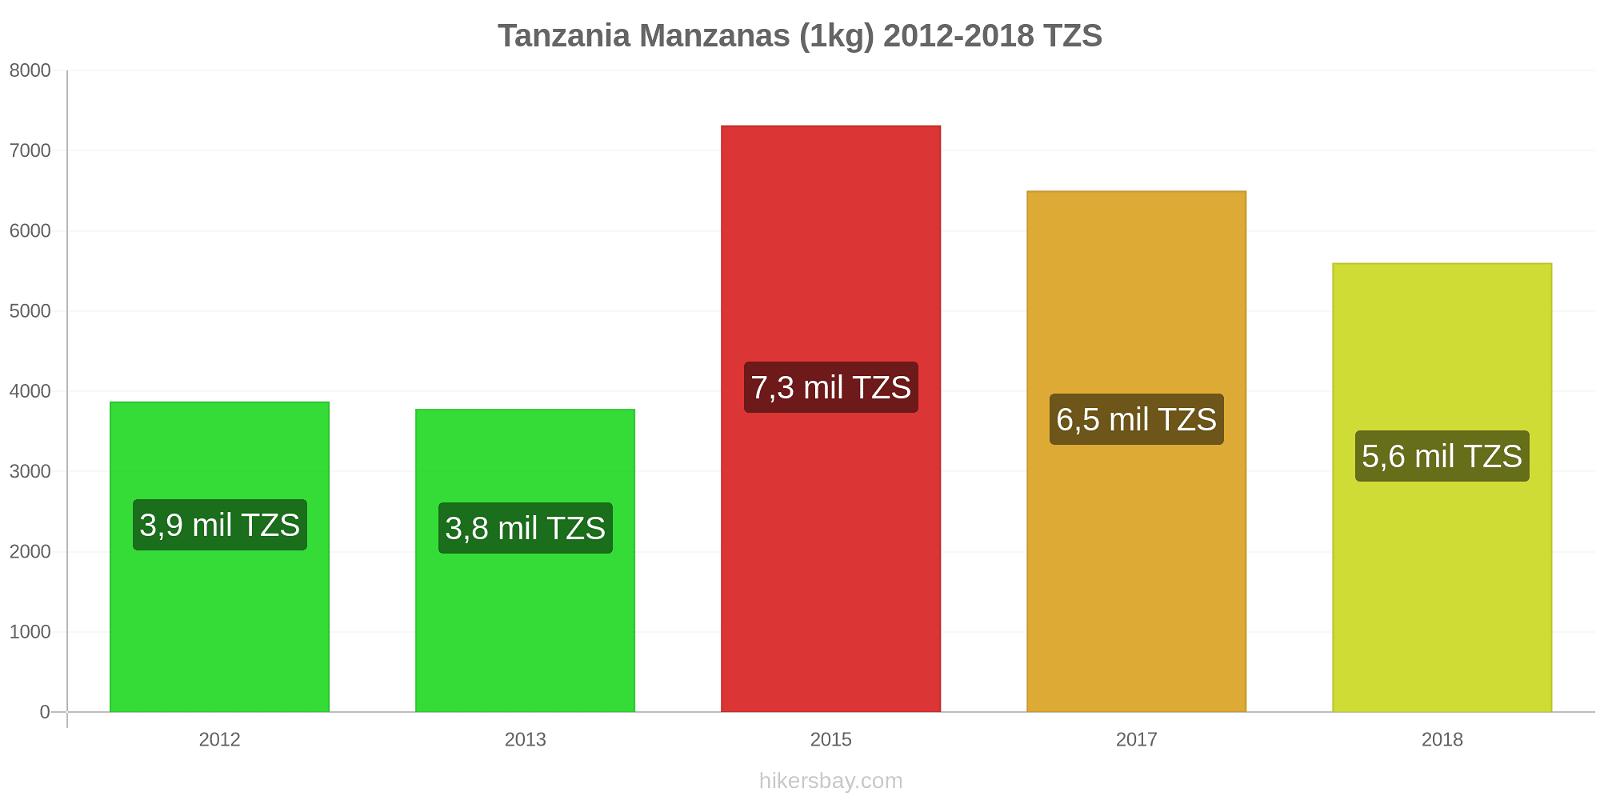 Tanzania cambios de precios Manzanas (1kg) hikersbay.com